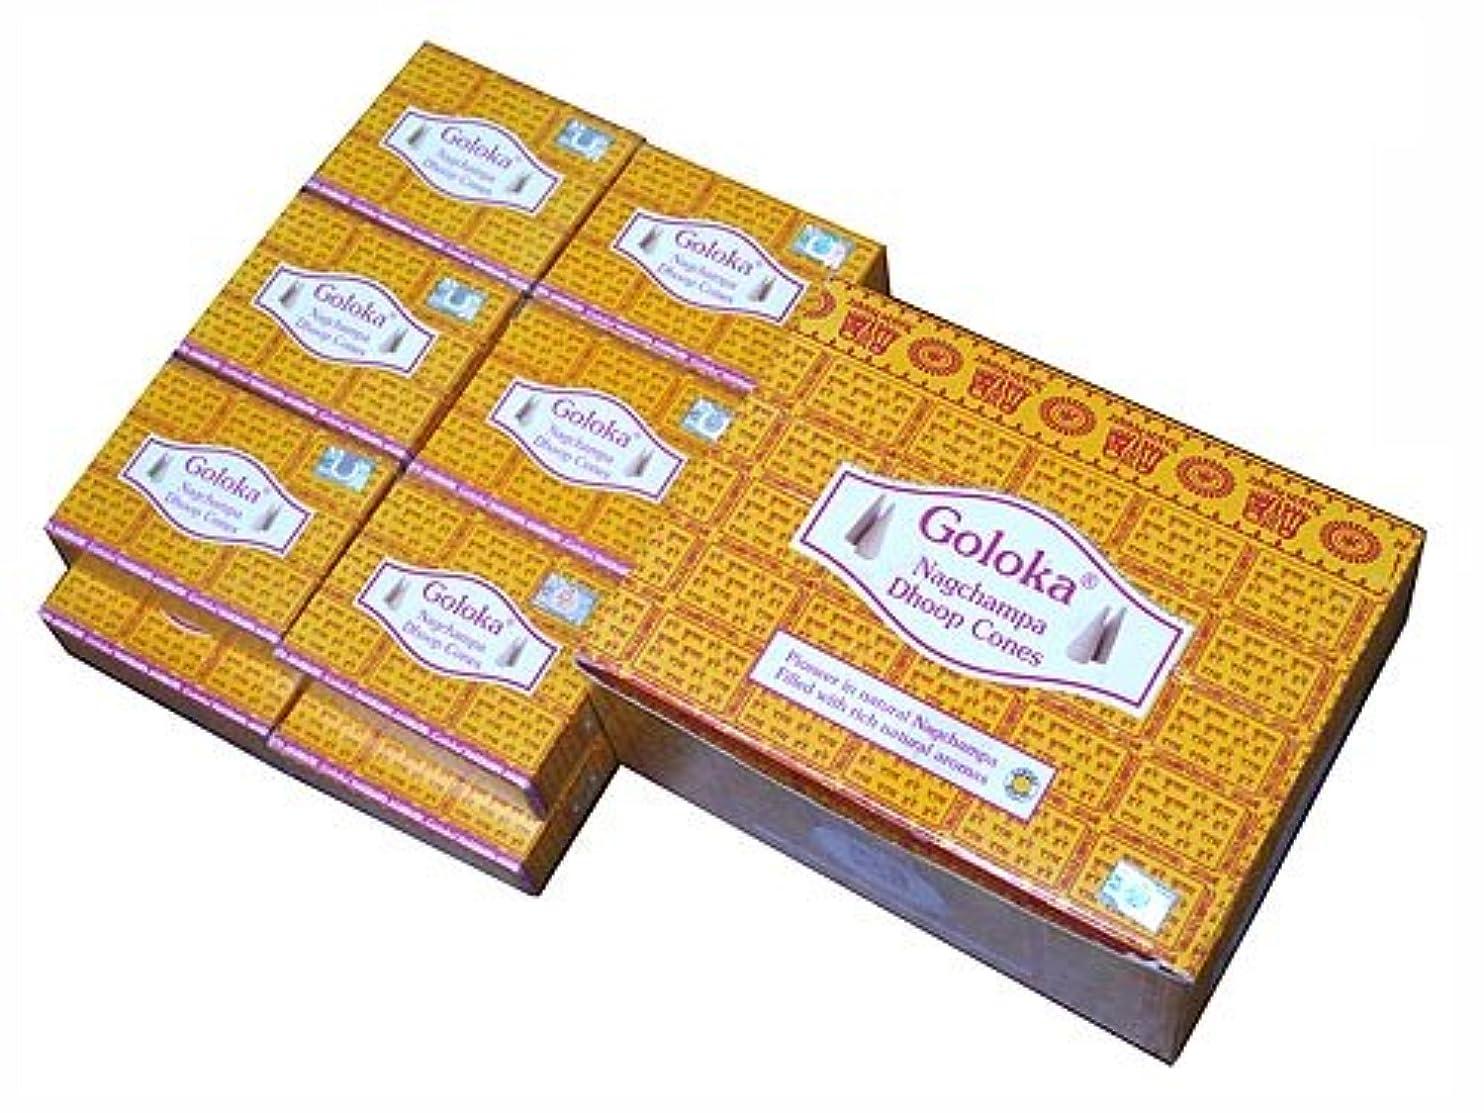 フェッチゲート石化するGOLOKA(ゴロカ) ゴロカ ナグチャンパ香 コーンタイプ NAG CHAMPA CORN 12箱セット